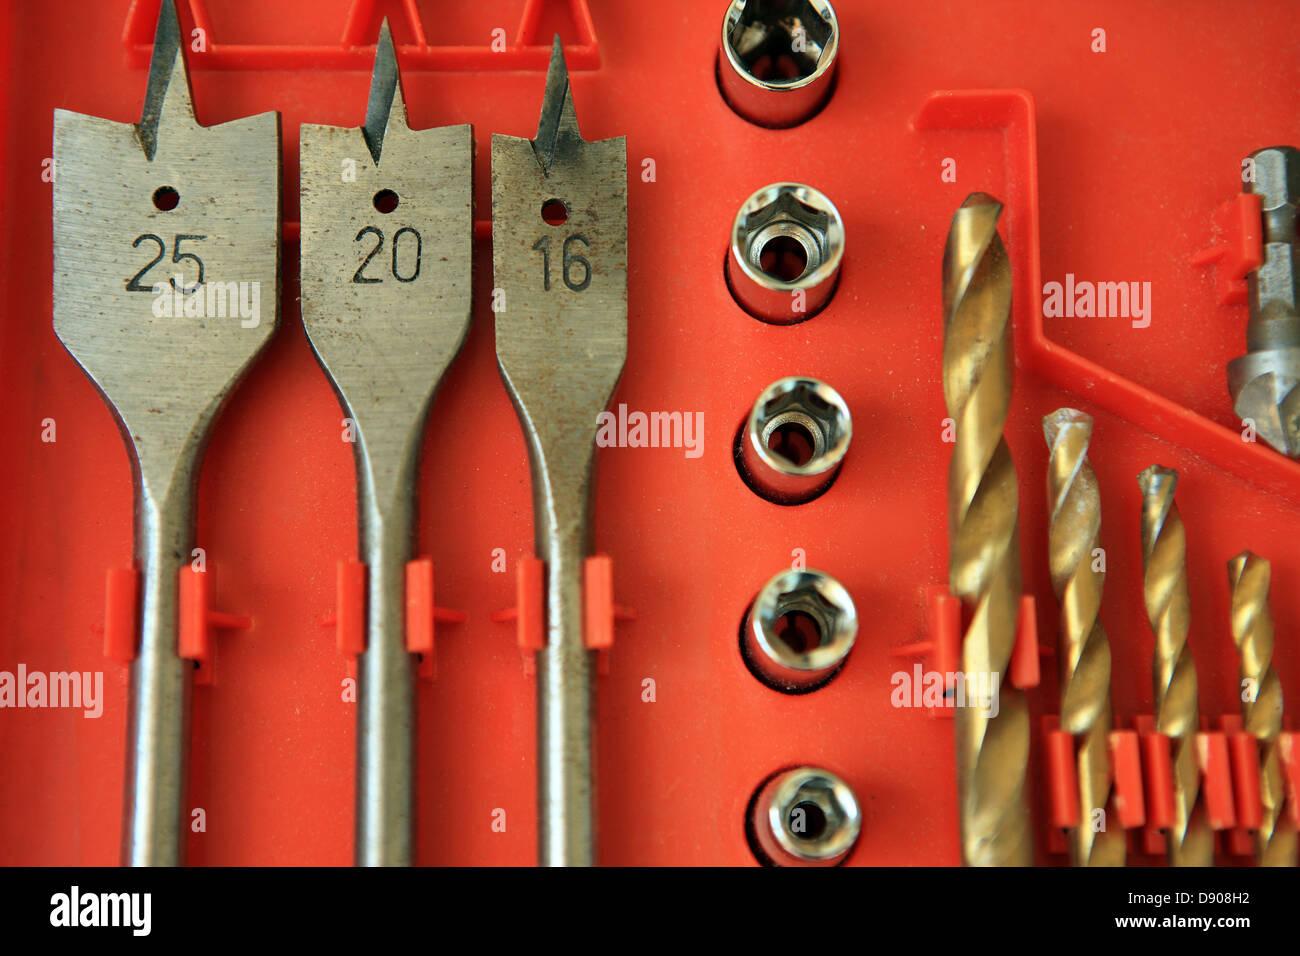 Spade et twist drill bits dans un jeu d'outils Photo Stock